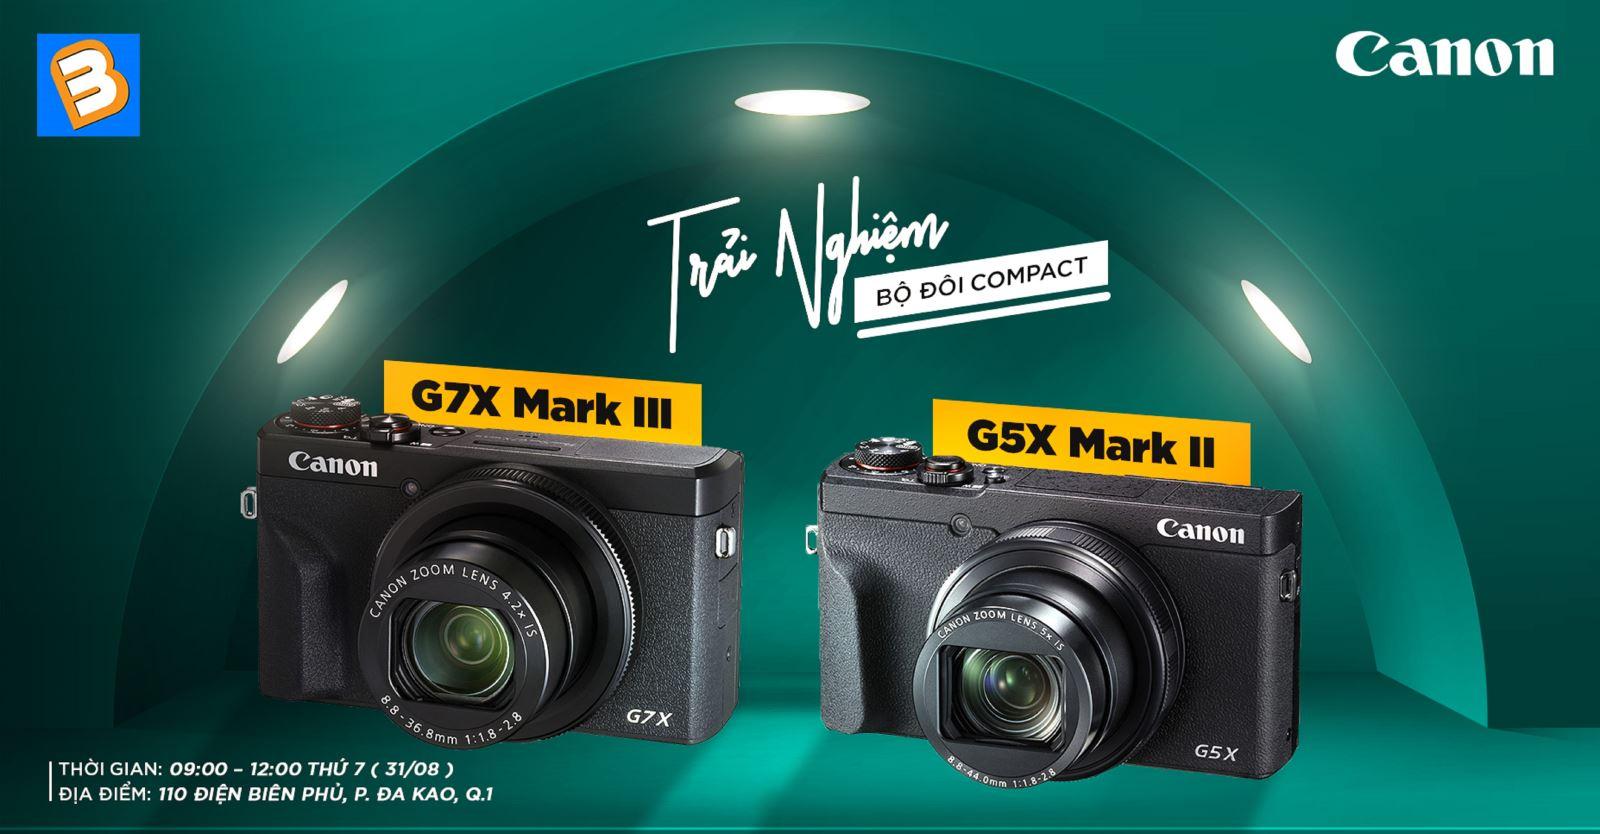 Trải nghiệm bộ đôi compact Powershot G5X Mark II và G7X Mark III